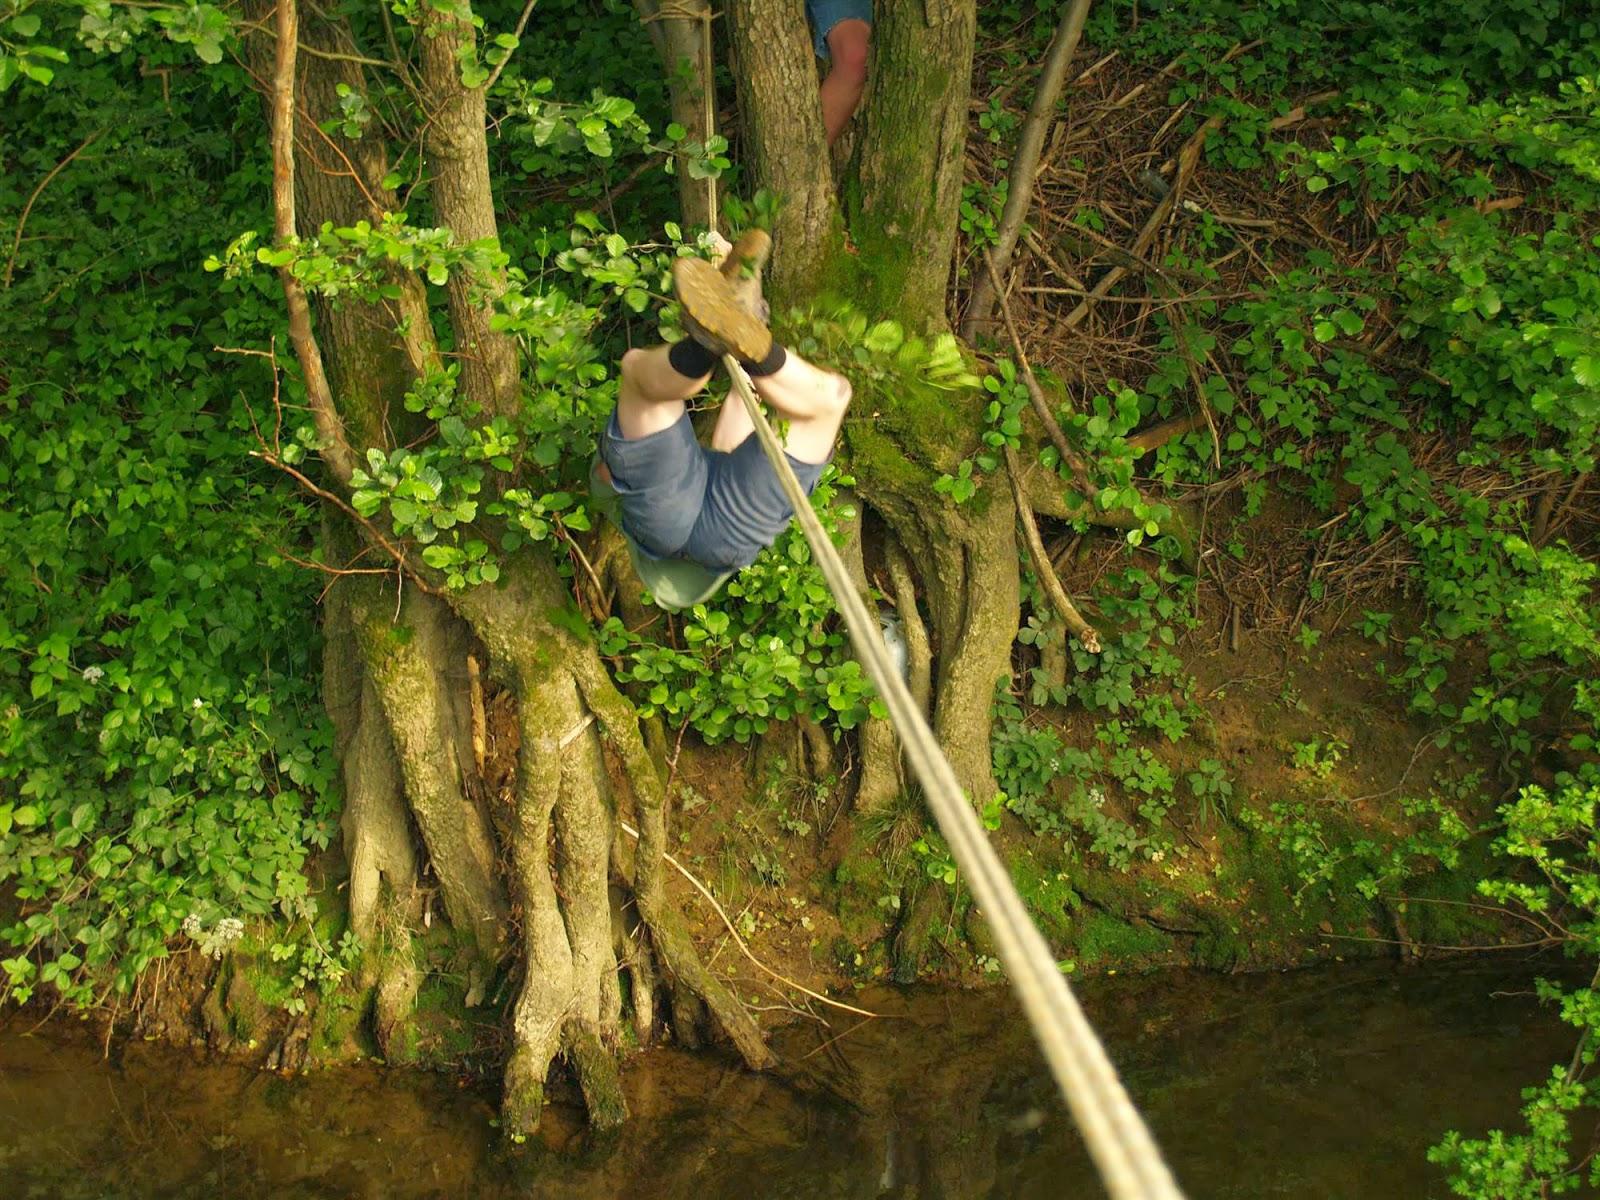 Vozlarija 890, Ilirska Bistrica 2007 - P0087227.JPG